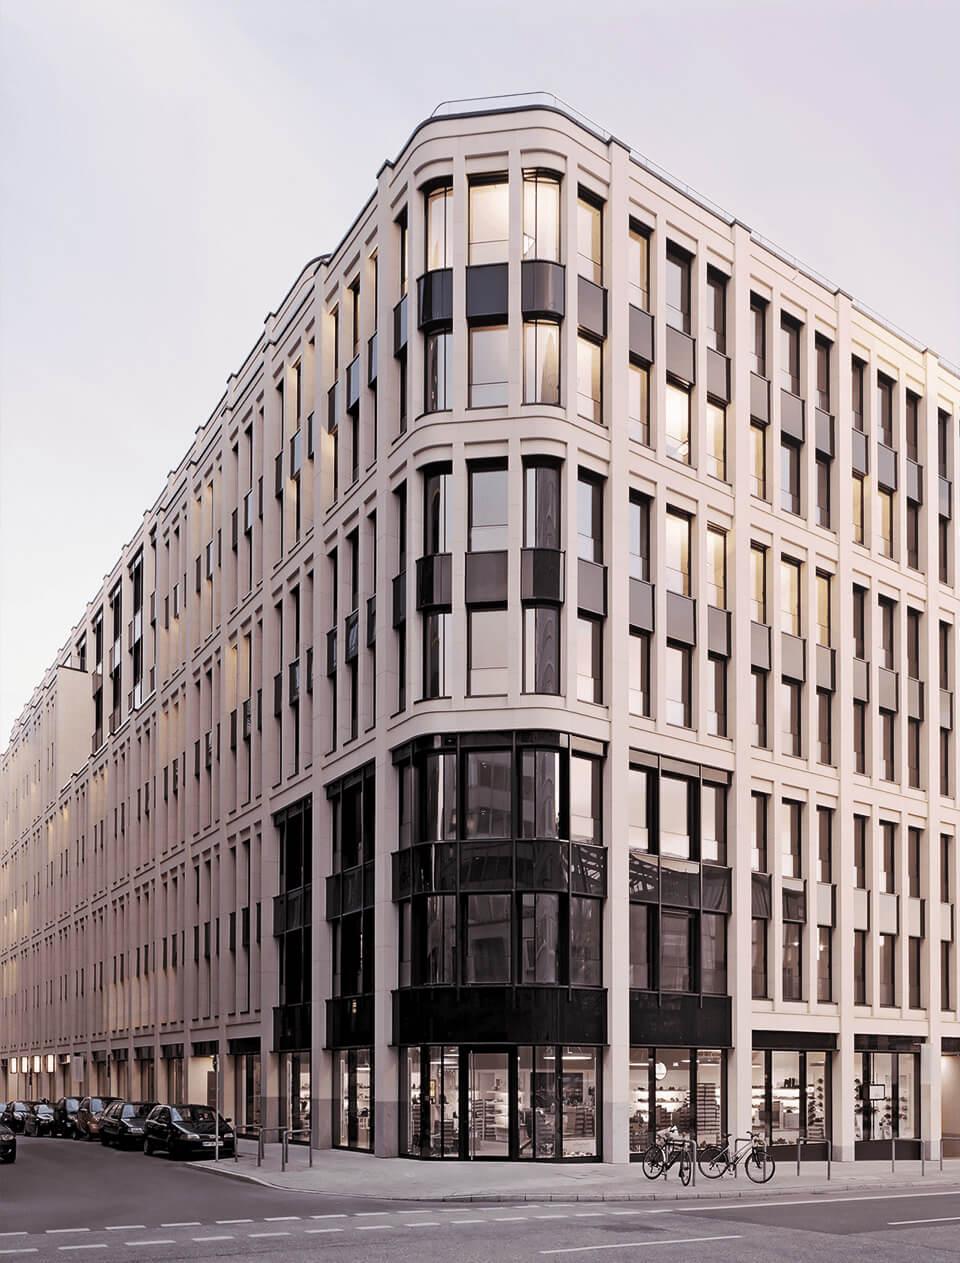 Billede af en kontorbygning i Tyskland